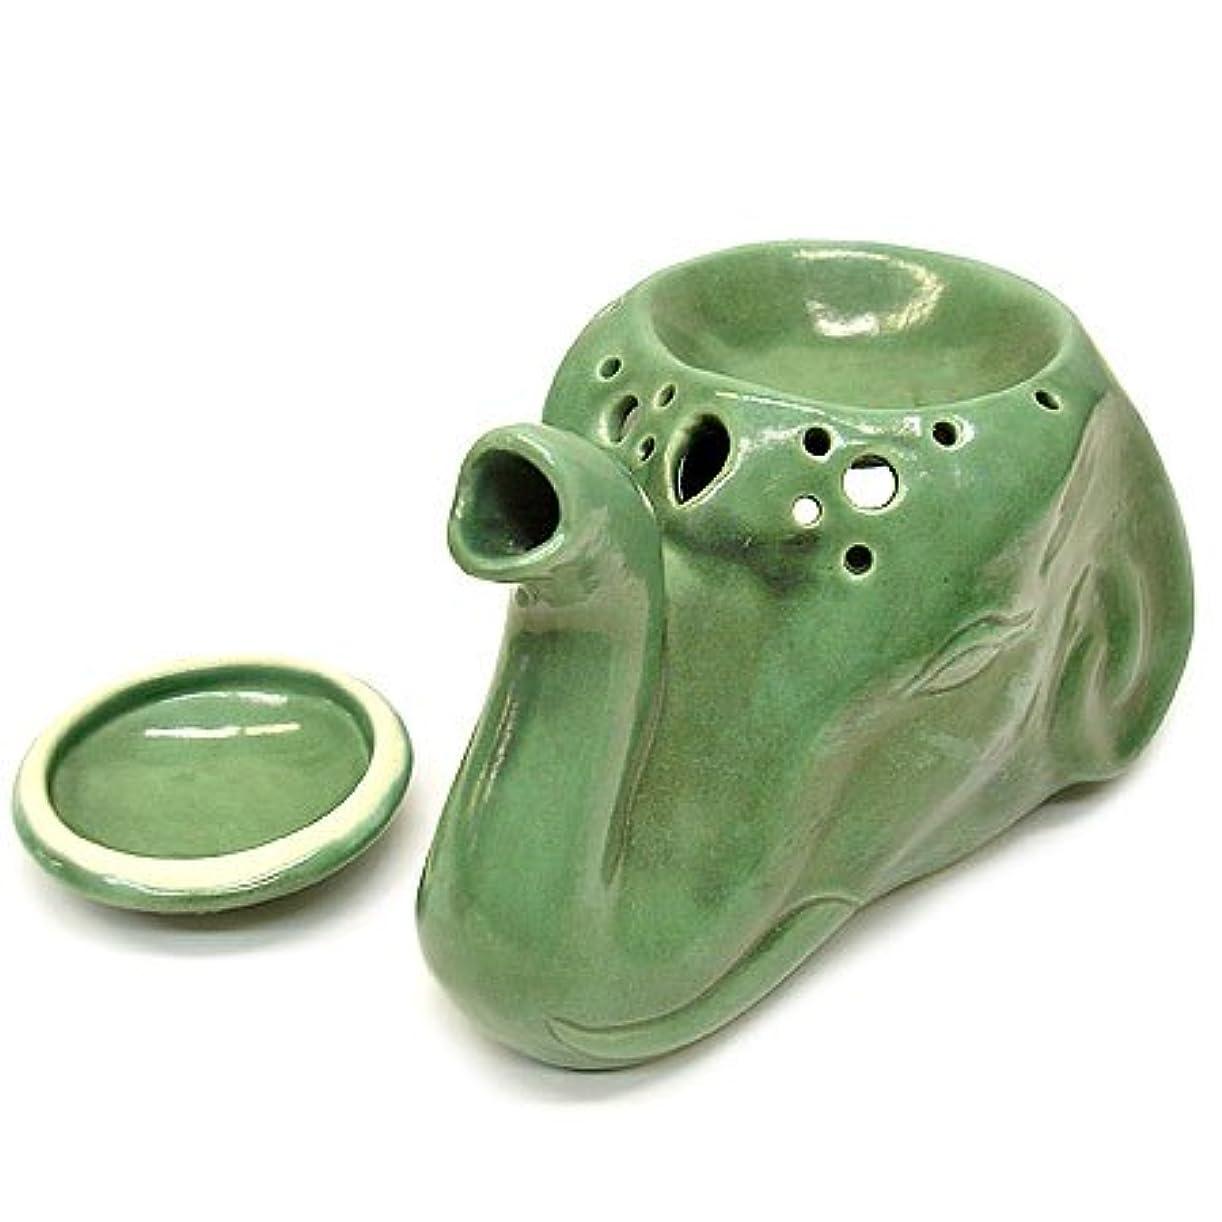 発見妻失礼なタバナン 象のアロマオイルバーナーセット 緑アジアン雑貨